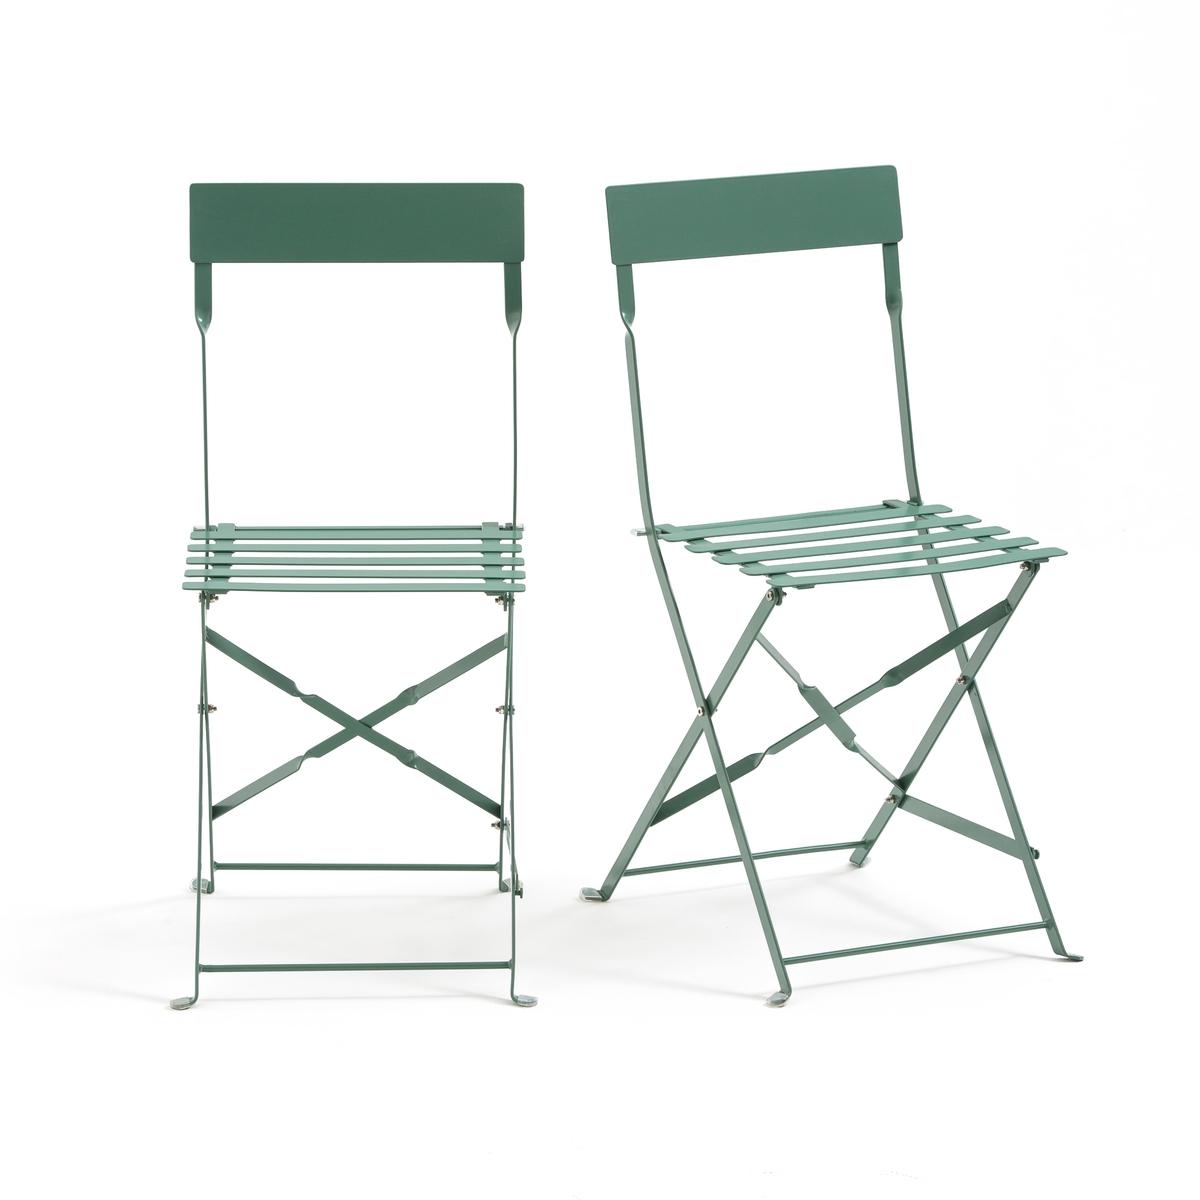 Стул складной металлический, OZEVAN (2 шт.)2 складных металлических стула Ozevan. Добавьте ярких красок ! На террасе, кухне или в гостиной эти складные стулья сделают более динамичной вашу обстановку...Характеристики складного стула из металла :- Из металла с цветным лаковым покрытием.- Эпоксидное покрытие.- Дощатое сиденье.Стулья доставляются в собранном виде.                                             Размеры :- Общие : 38 x 83 x 45 см .                                                                                    В комплекте 2 стула одного цвета   .                                                                                                                                          Идея для декора :Не бойтесь смешивать разные цвета. Это будет выглядеть очень стильно и весело ! Прекрасное решение для поддержания отличного настроения в течение всего года.                                                                                    *Металл прошел антикоррозийную обработку и покрыт эпоксидной эмалью, что делает его устойчивым к ржавчине и неблагоприятным погодным условиям. Легкий, просто перемещать и хранить.<br><br>Цвет: черный